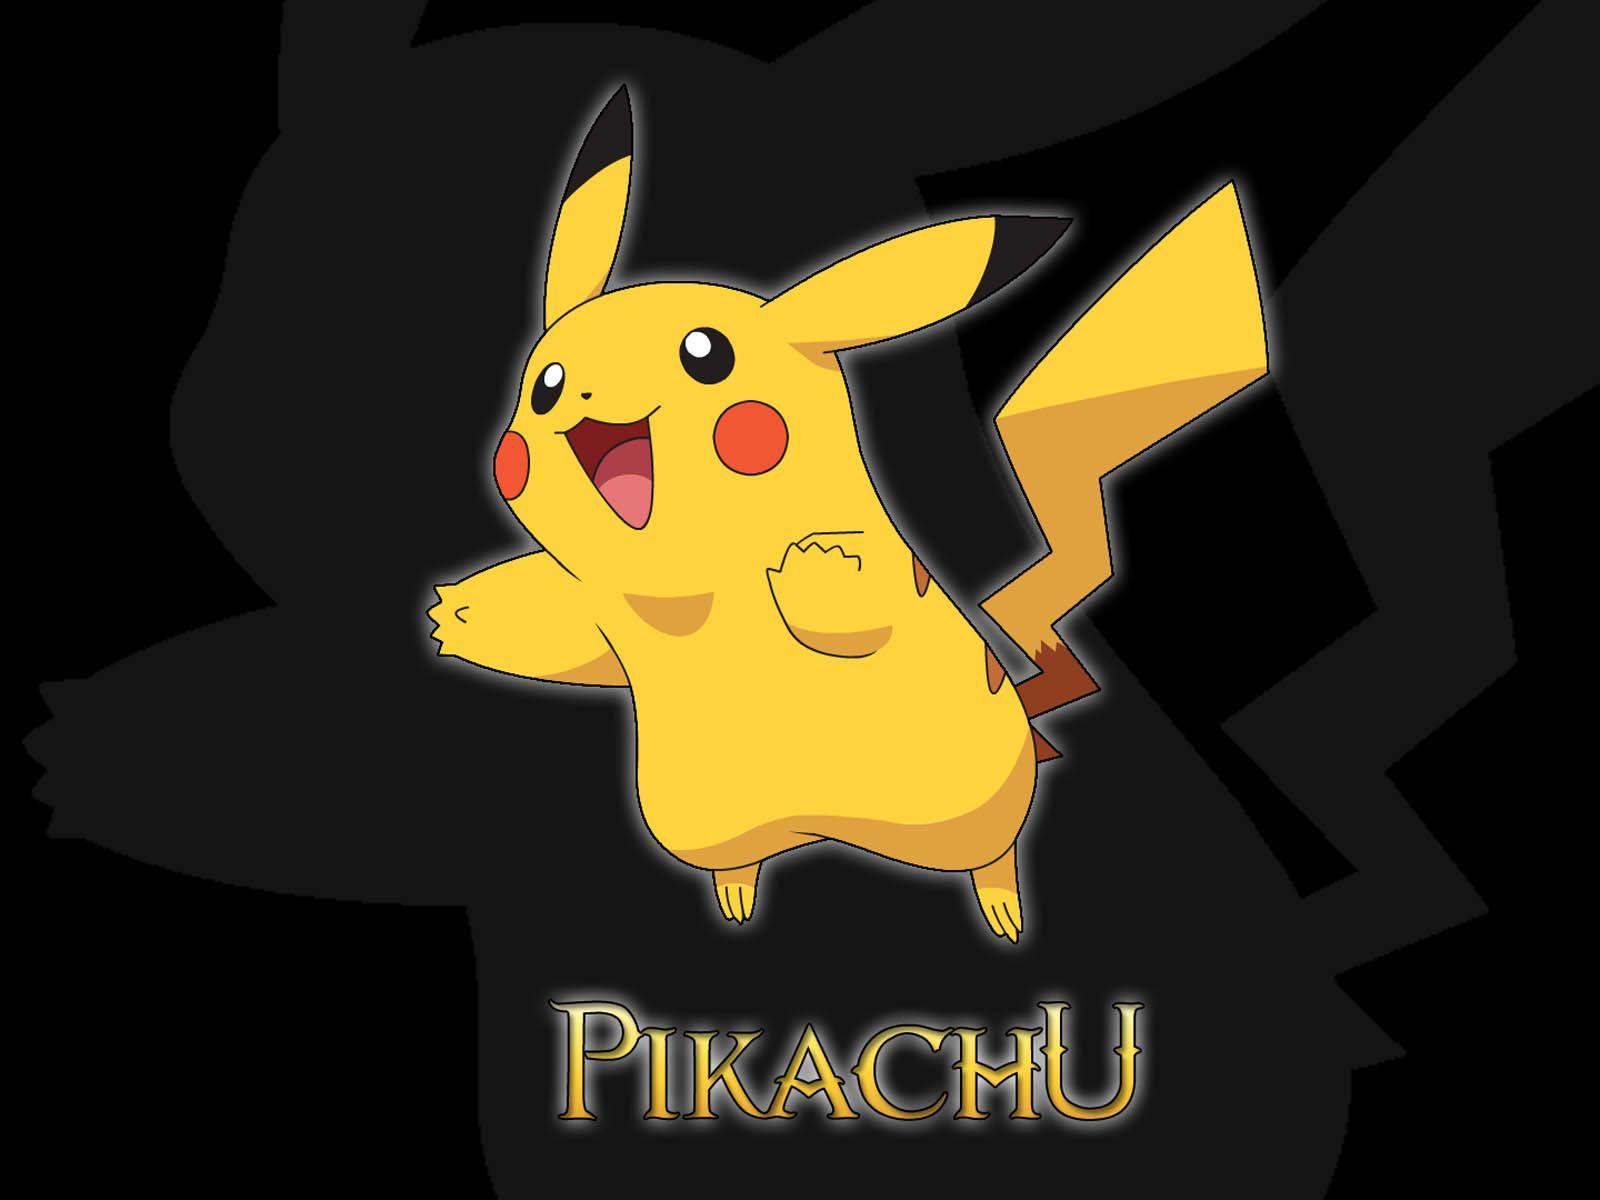 Wallpapers Pikachu Pokemon